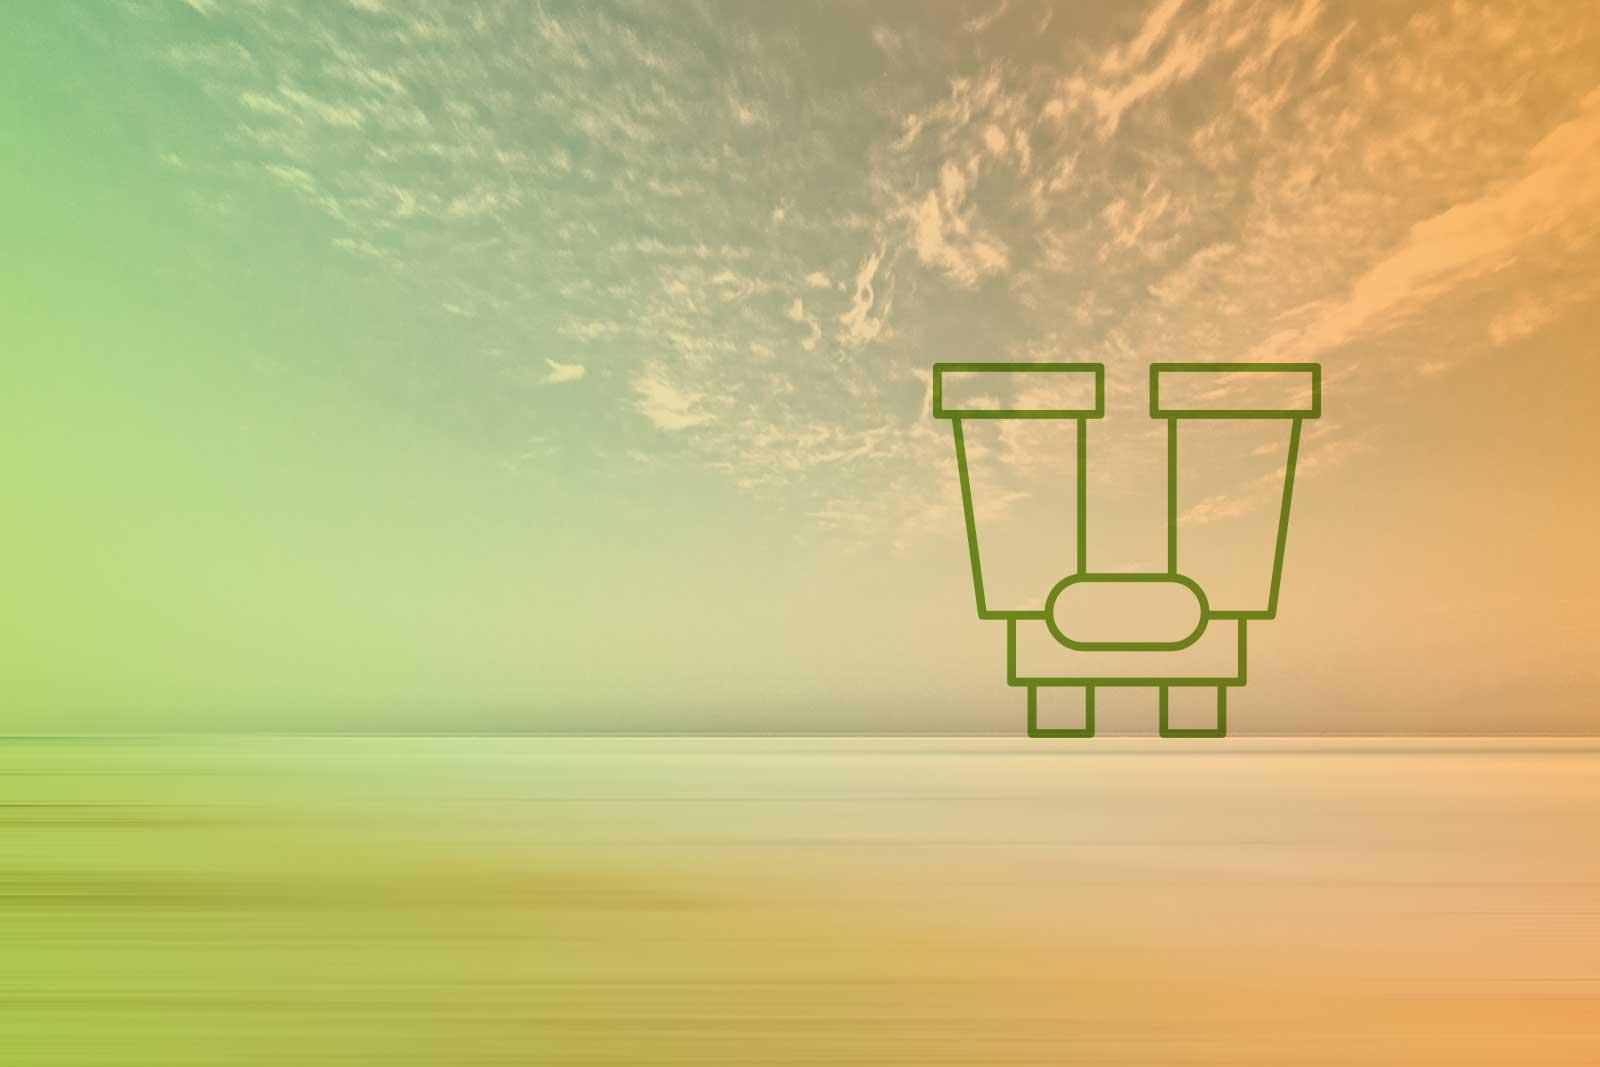 Imagem de um horizonte com um ícone de um binóculo